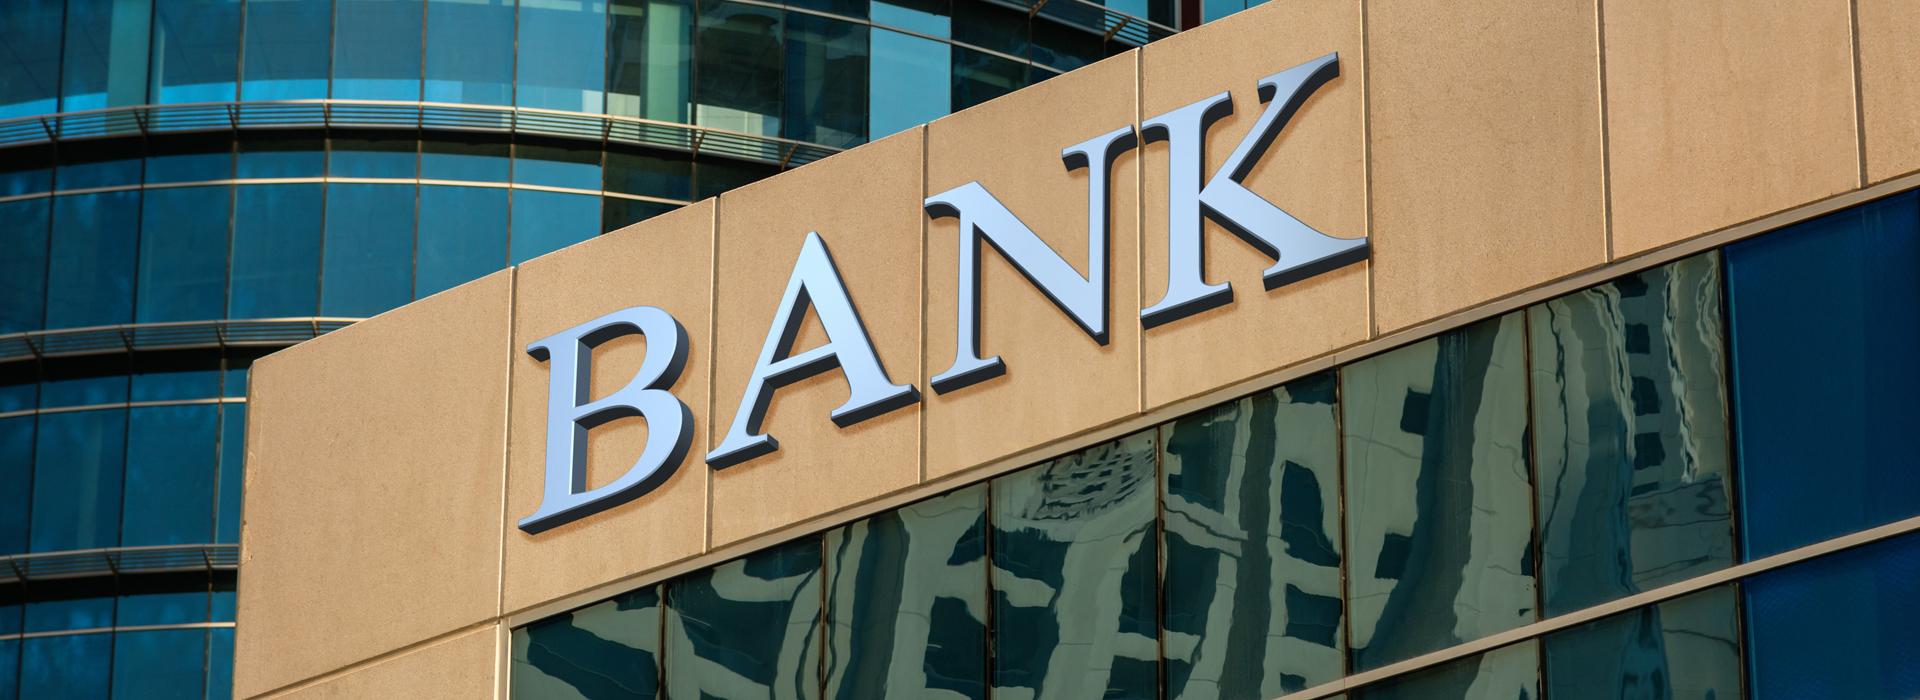 上海啟用全自動無人分行 台灣的分行也會被無人銀行取代嗎?